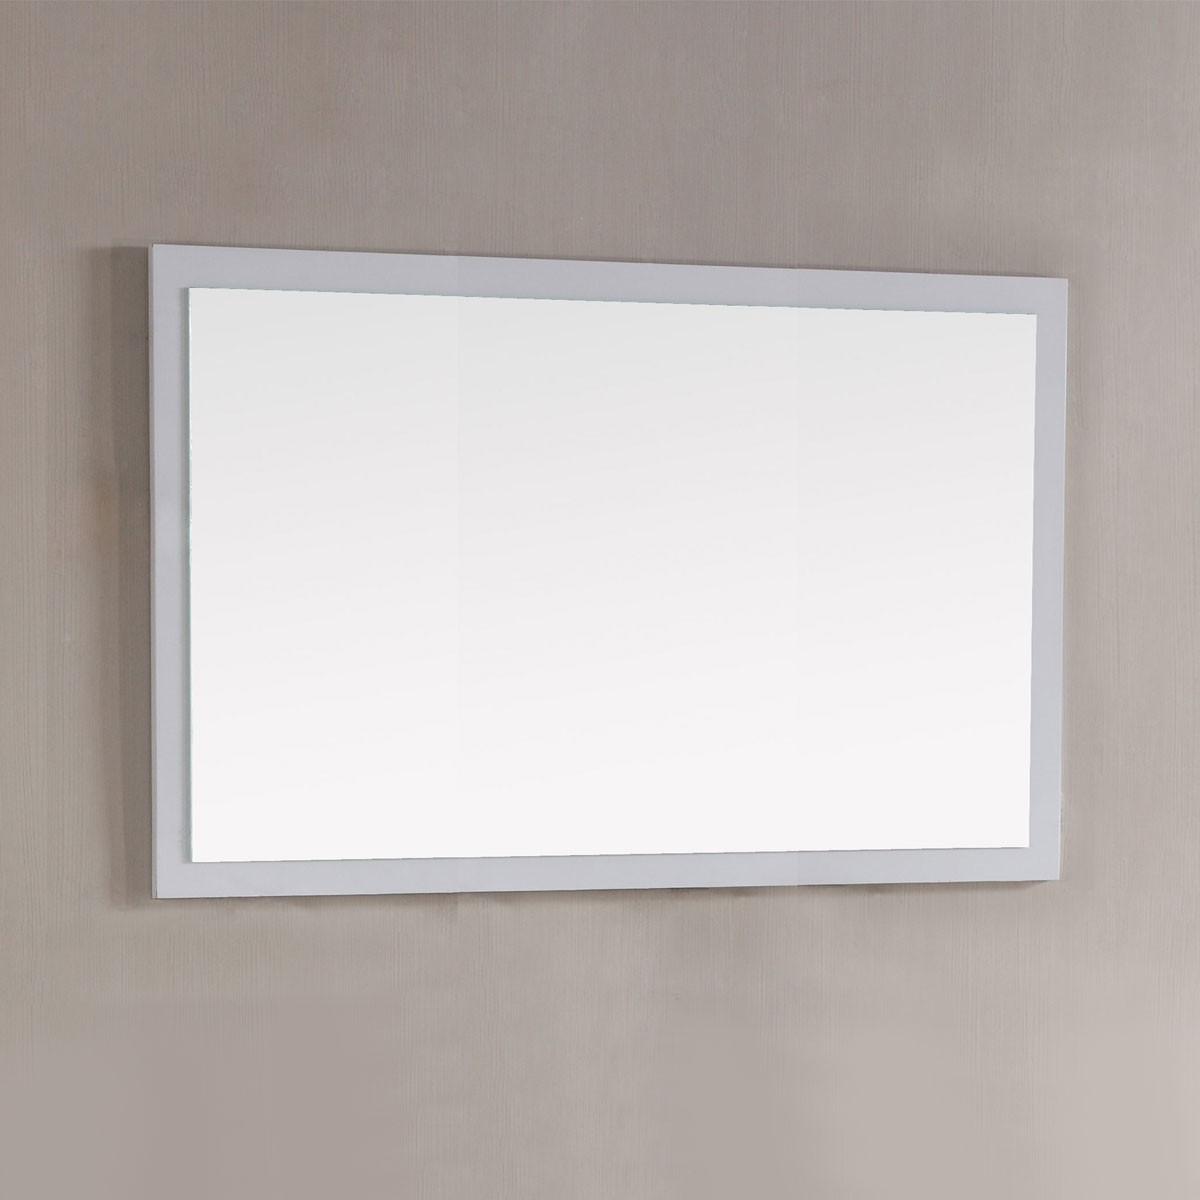 48 x 31 In. Mirror with White Frame (DK-T9312-48WM)